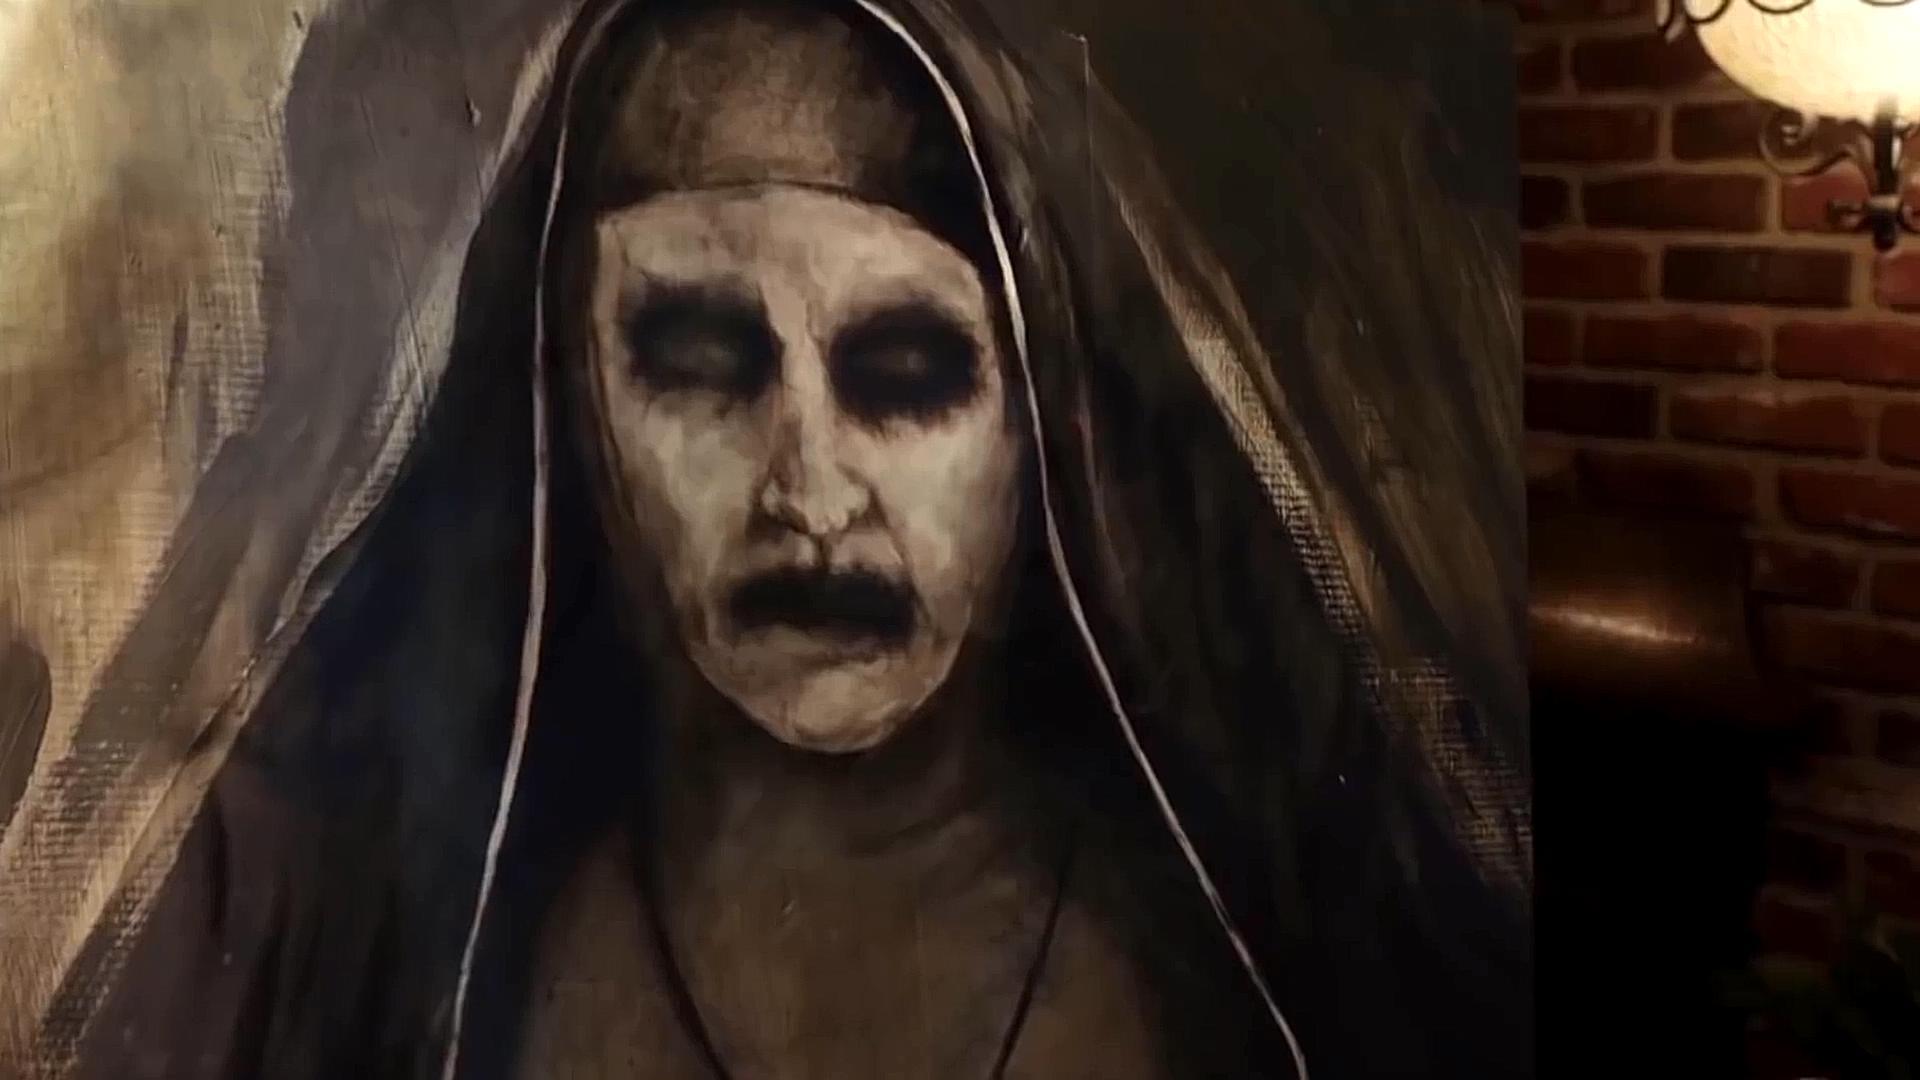 #惊悚看电影#温子仁招魂宇宙系列电影最恐怖镜头合集,你的小心脏准备好了吗